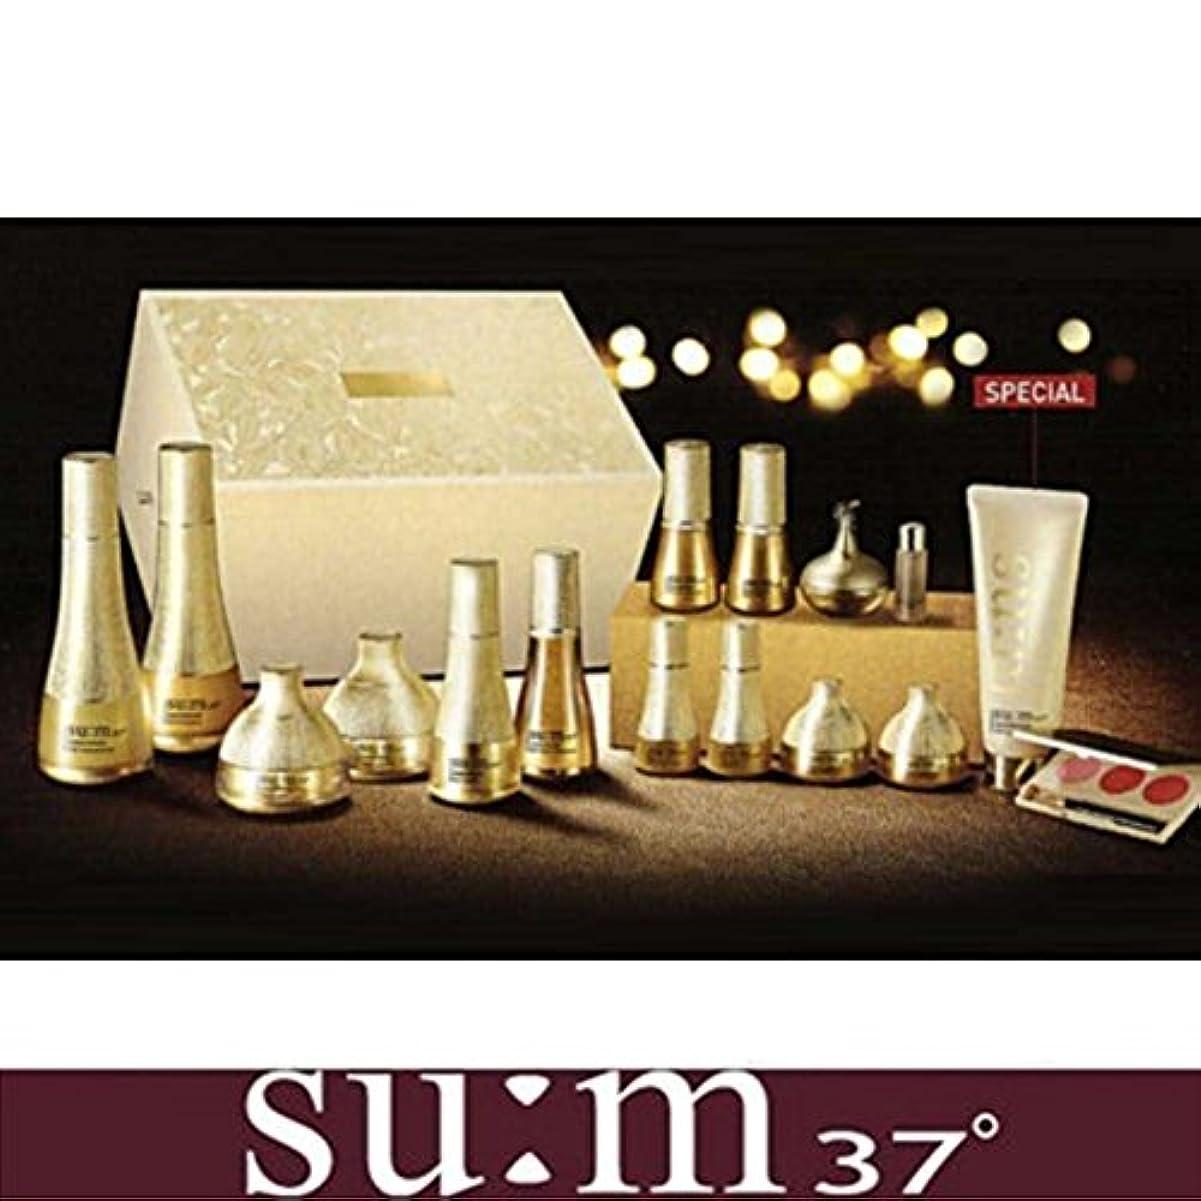 クールありそうカンガルー[su:m37/スム37°]LosecSumma Premium Special Limited Skincare Set/プレミアムスペシャルリミテッドスキンケアセット + [Sample Gift](海外直送品)